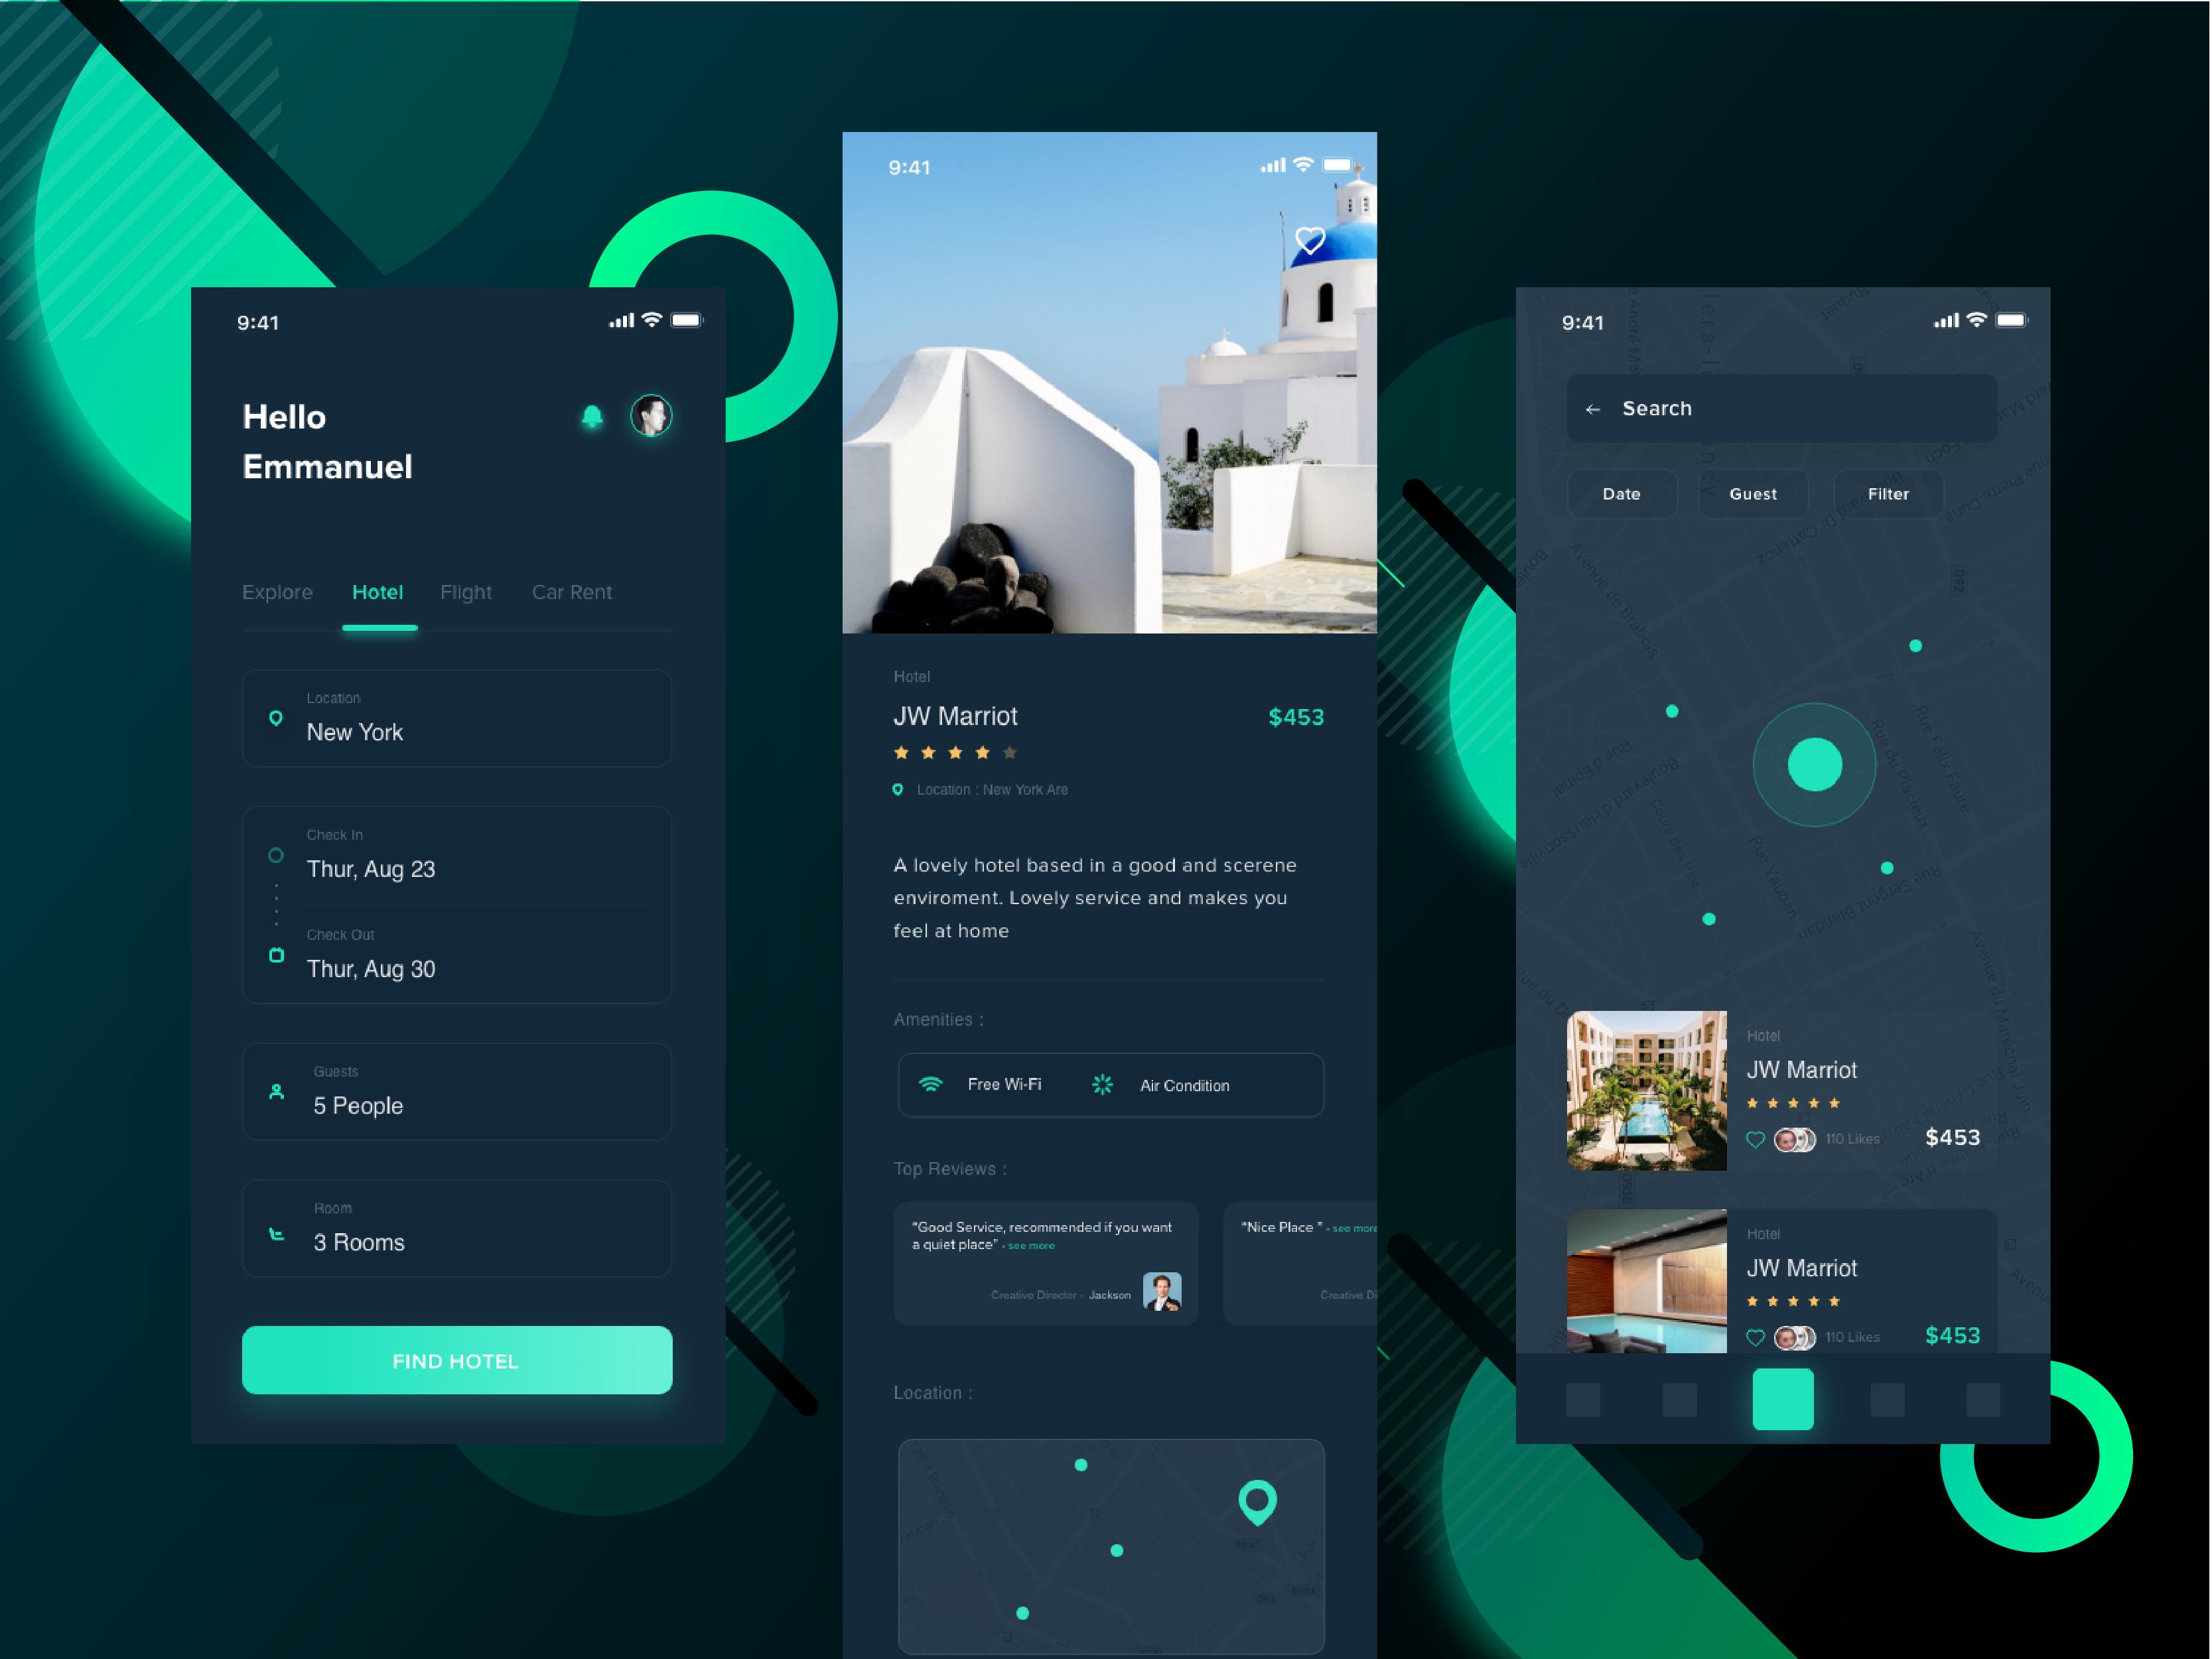 旅游app 黑/白 主题UI界面设计 .xd素材下载 界面-第1张